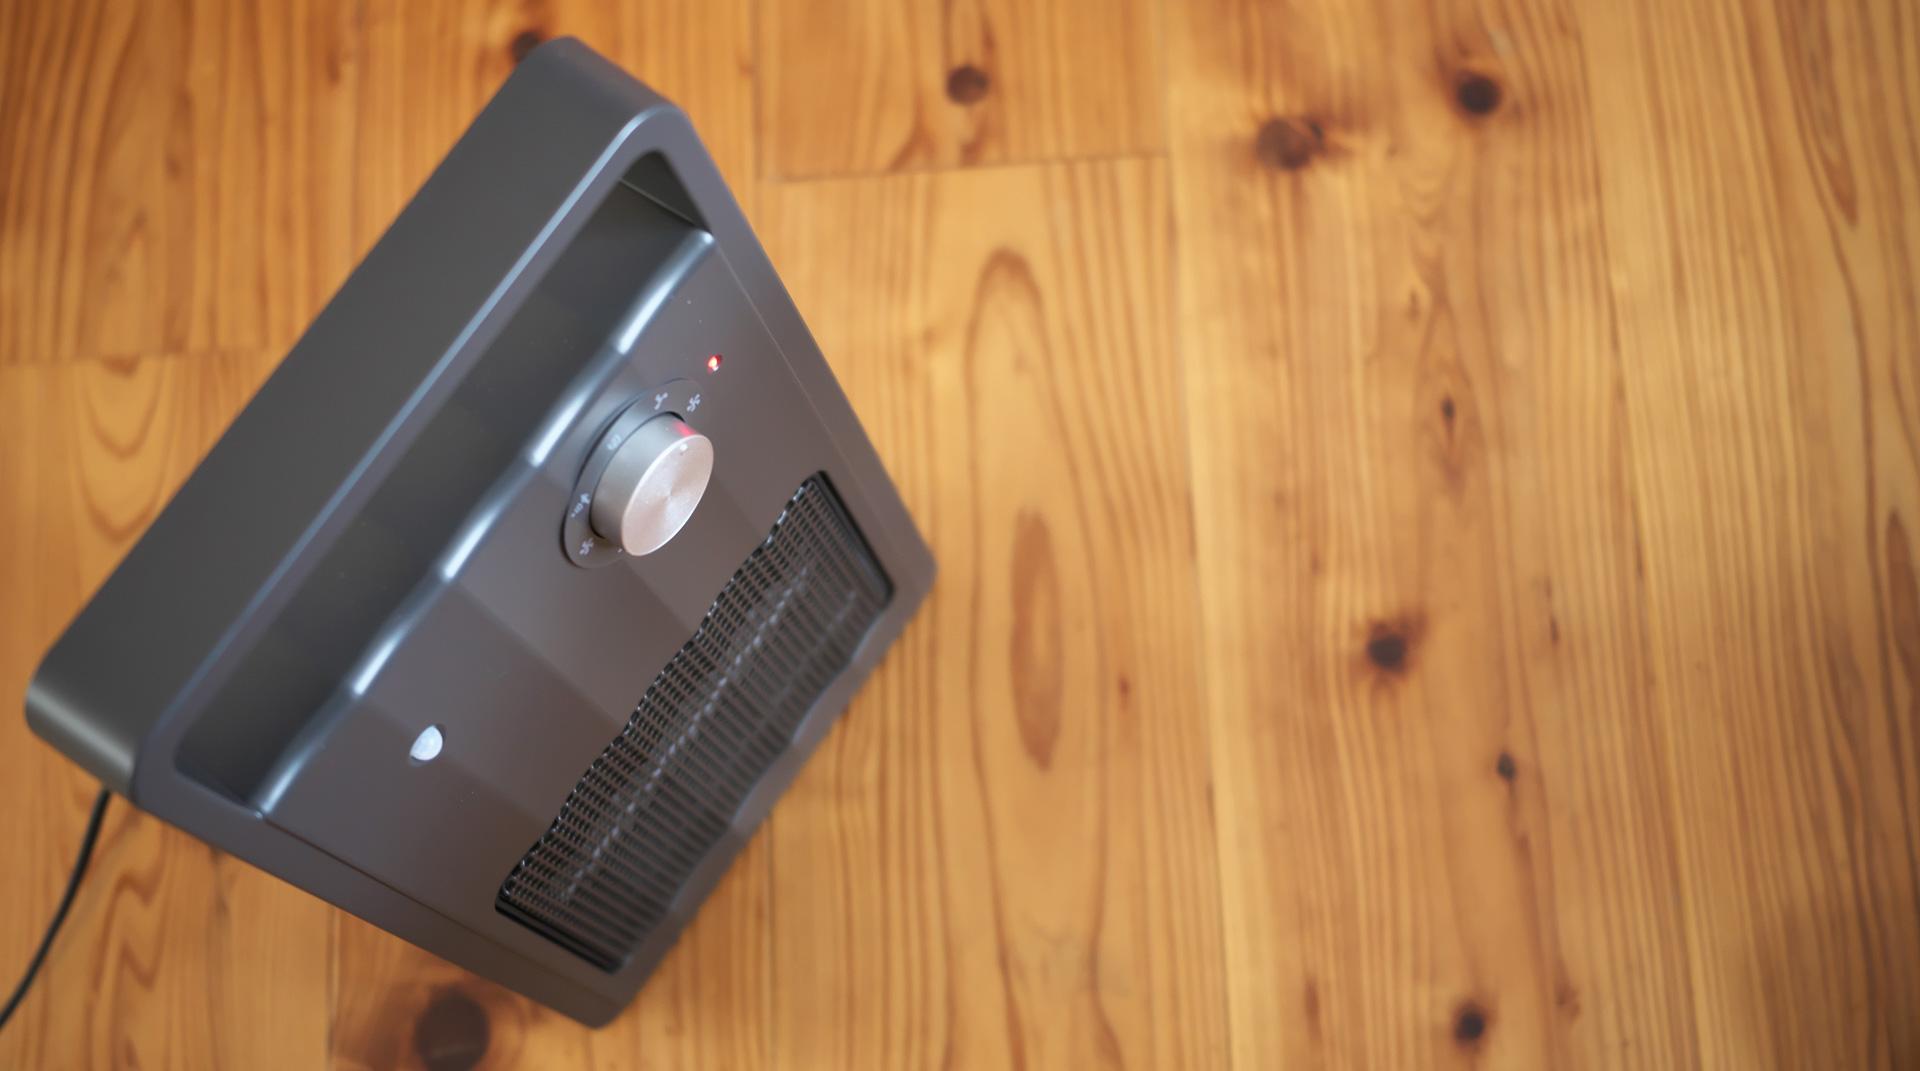 上から見た画像。人感センサー付セラミックファンヒーター「NAFCO W-01」